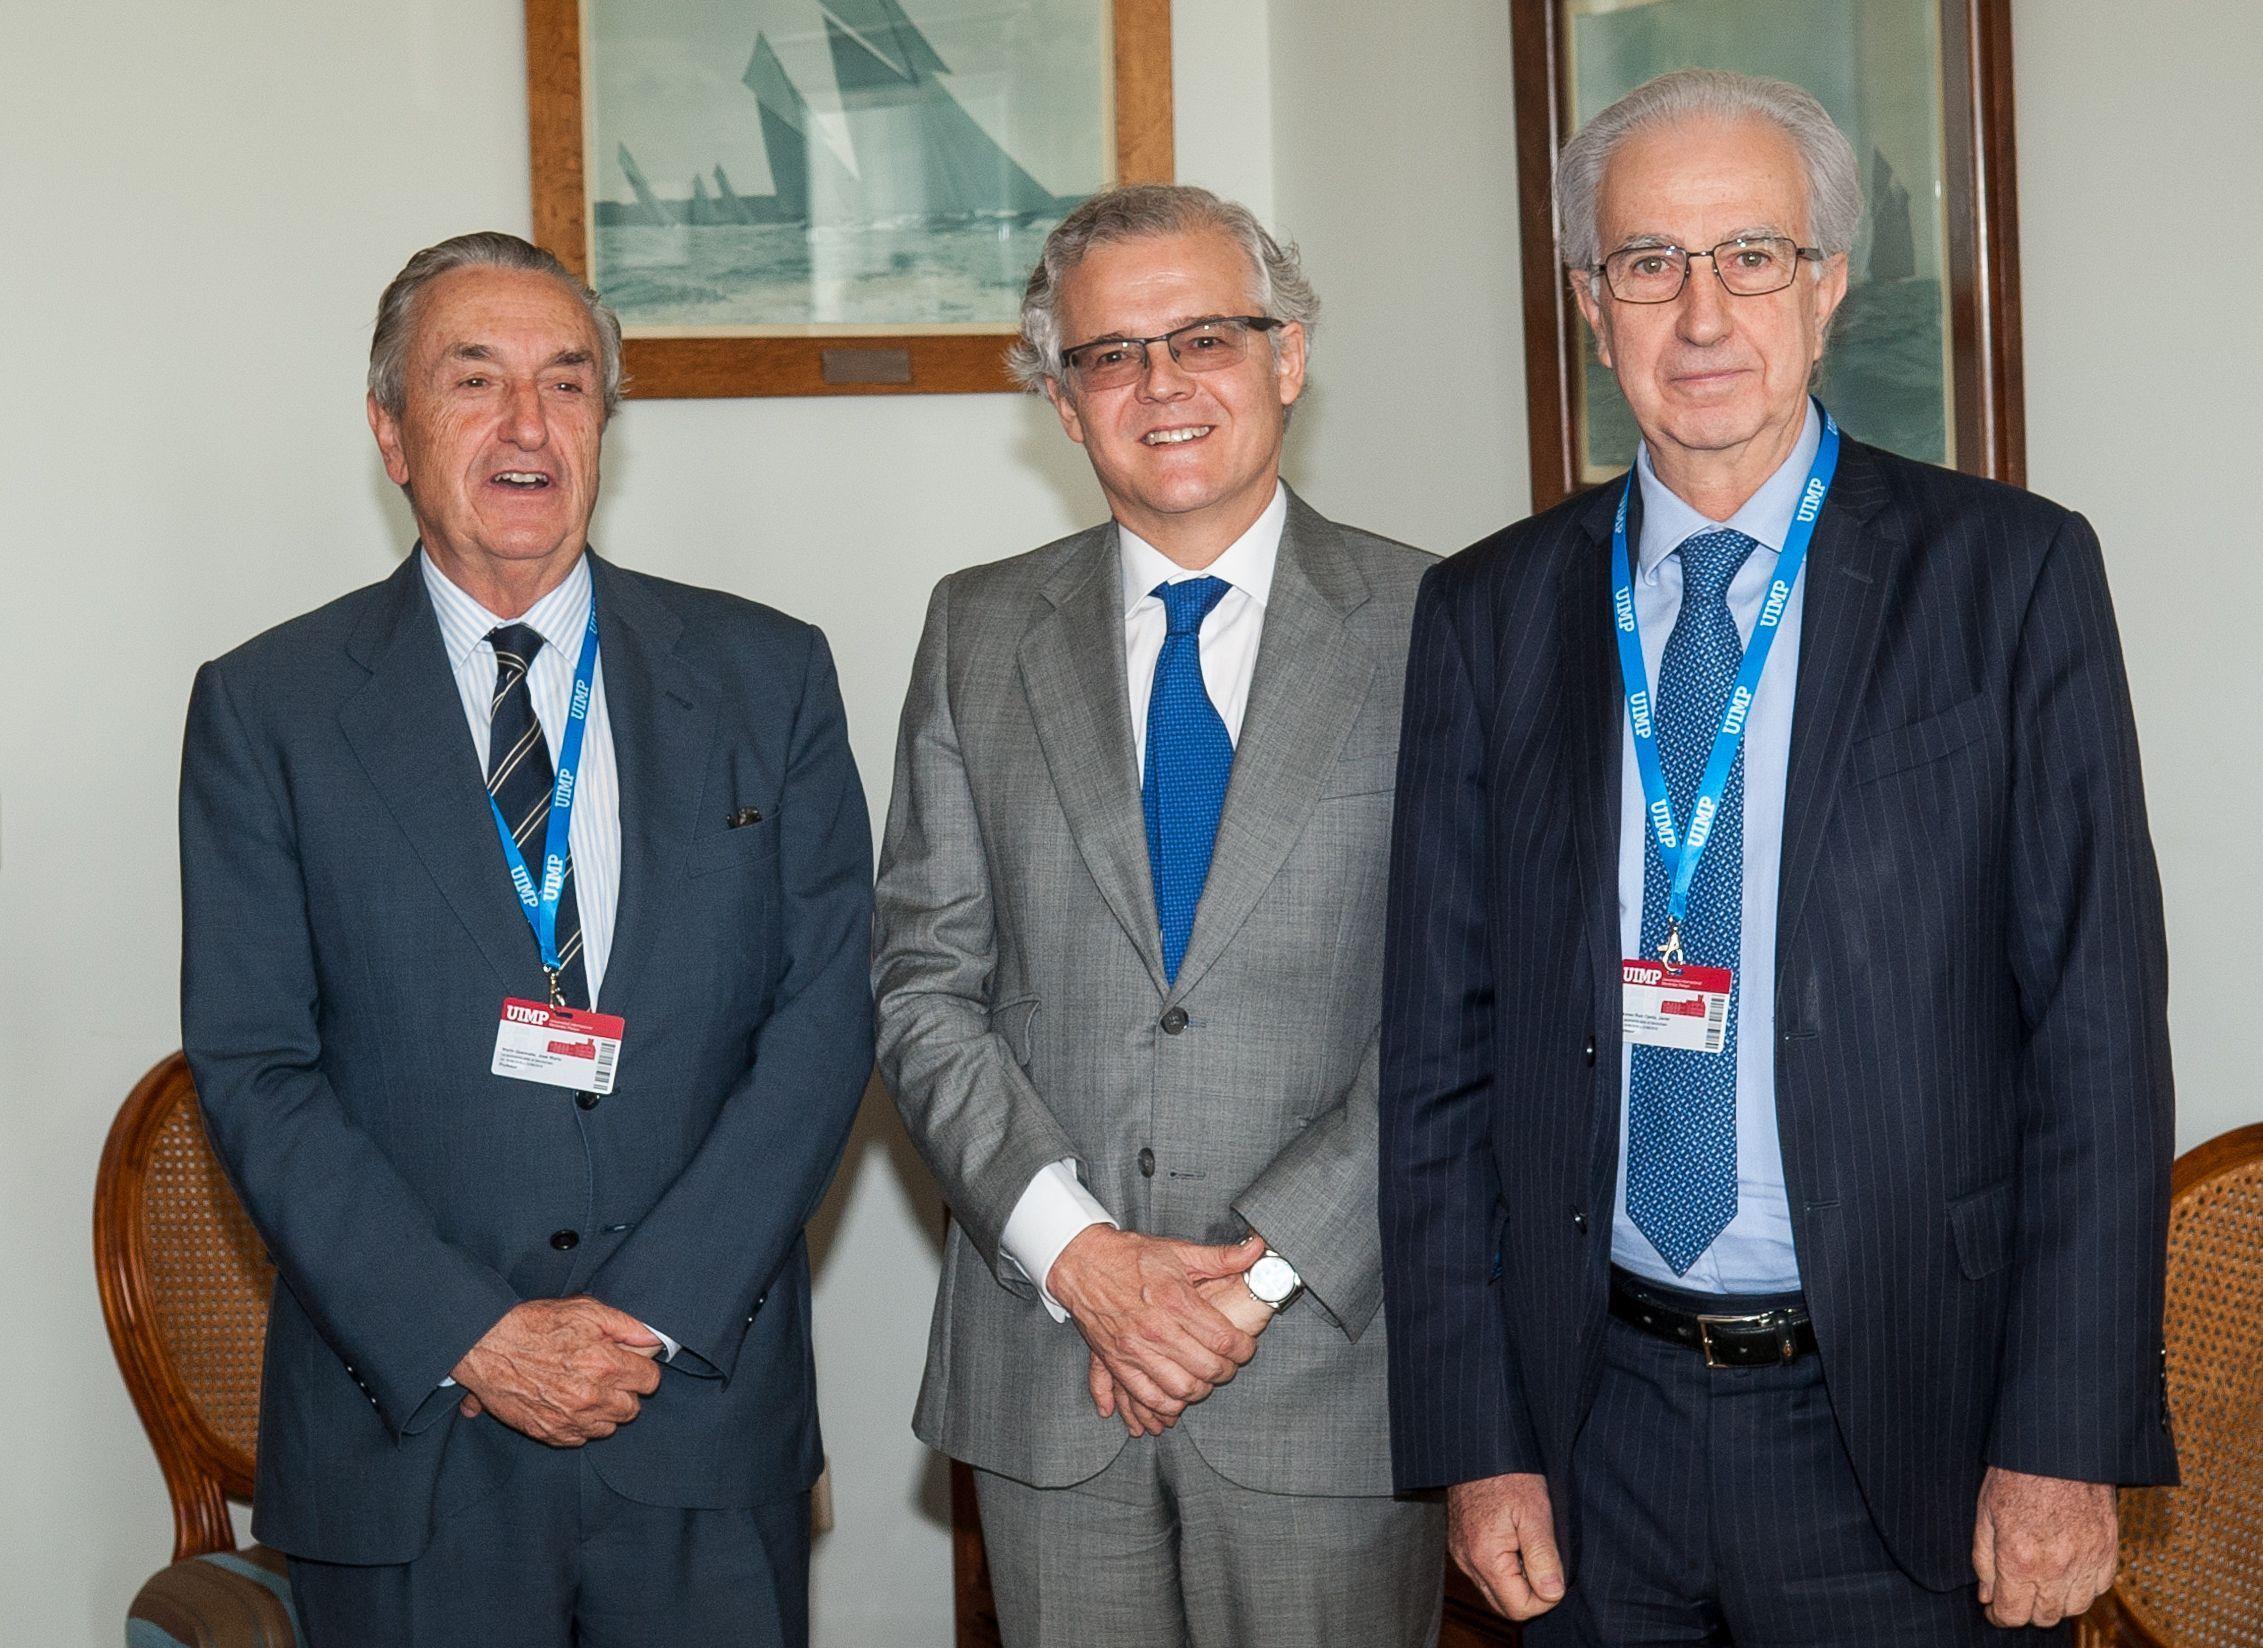 Los tres participantes en la jornada de clausura del Curso de Economía de APIE: de izquierda a derecha, Jose María Marín Quemada, presidente de la CNMC, Sebastián Albella, presidente de la CNMV y Javier Alonso, Subgobernador del Banco de España.